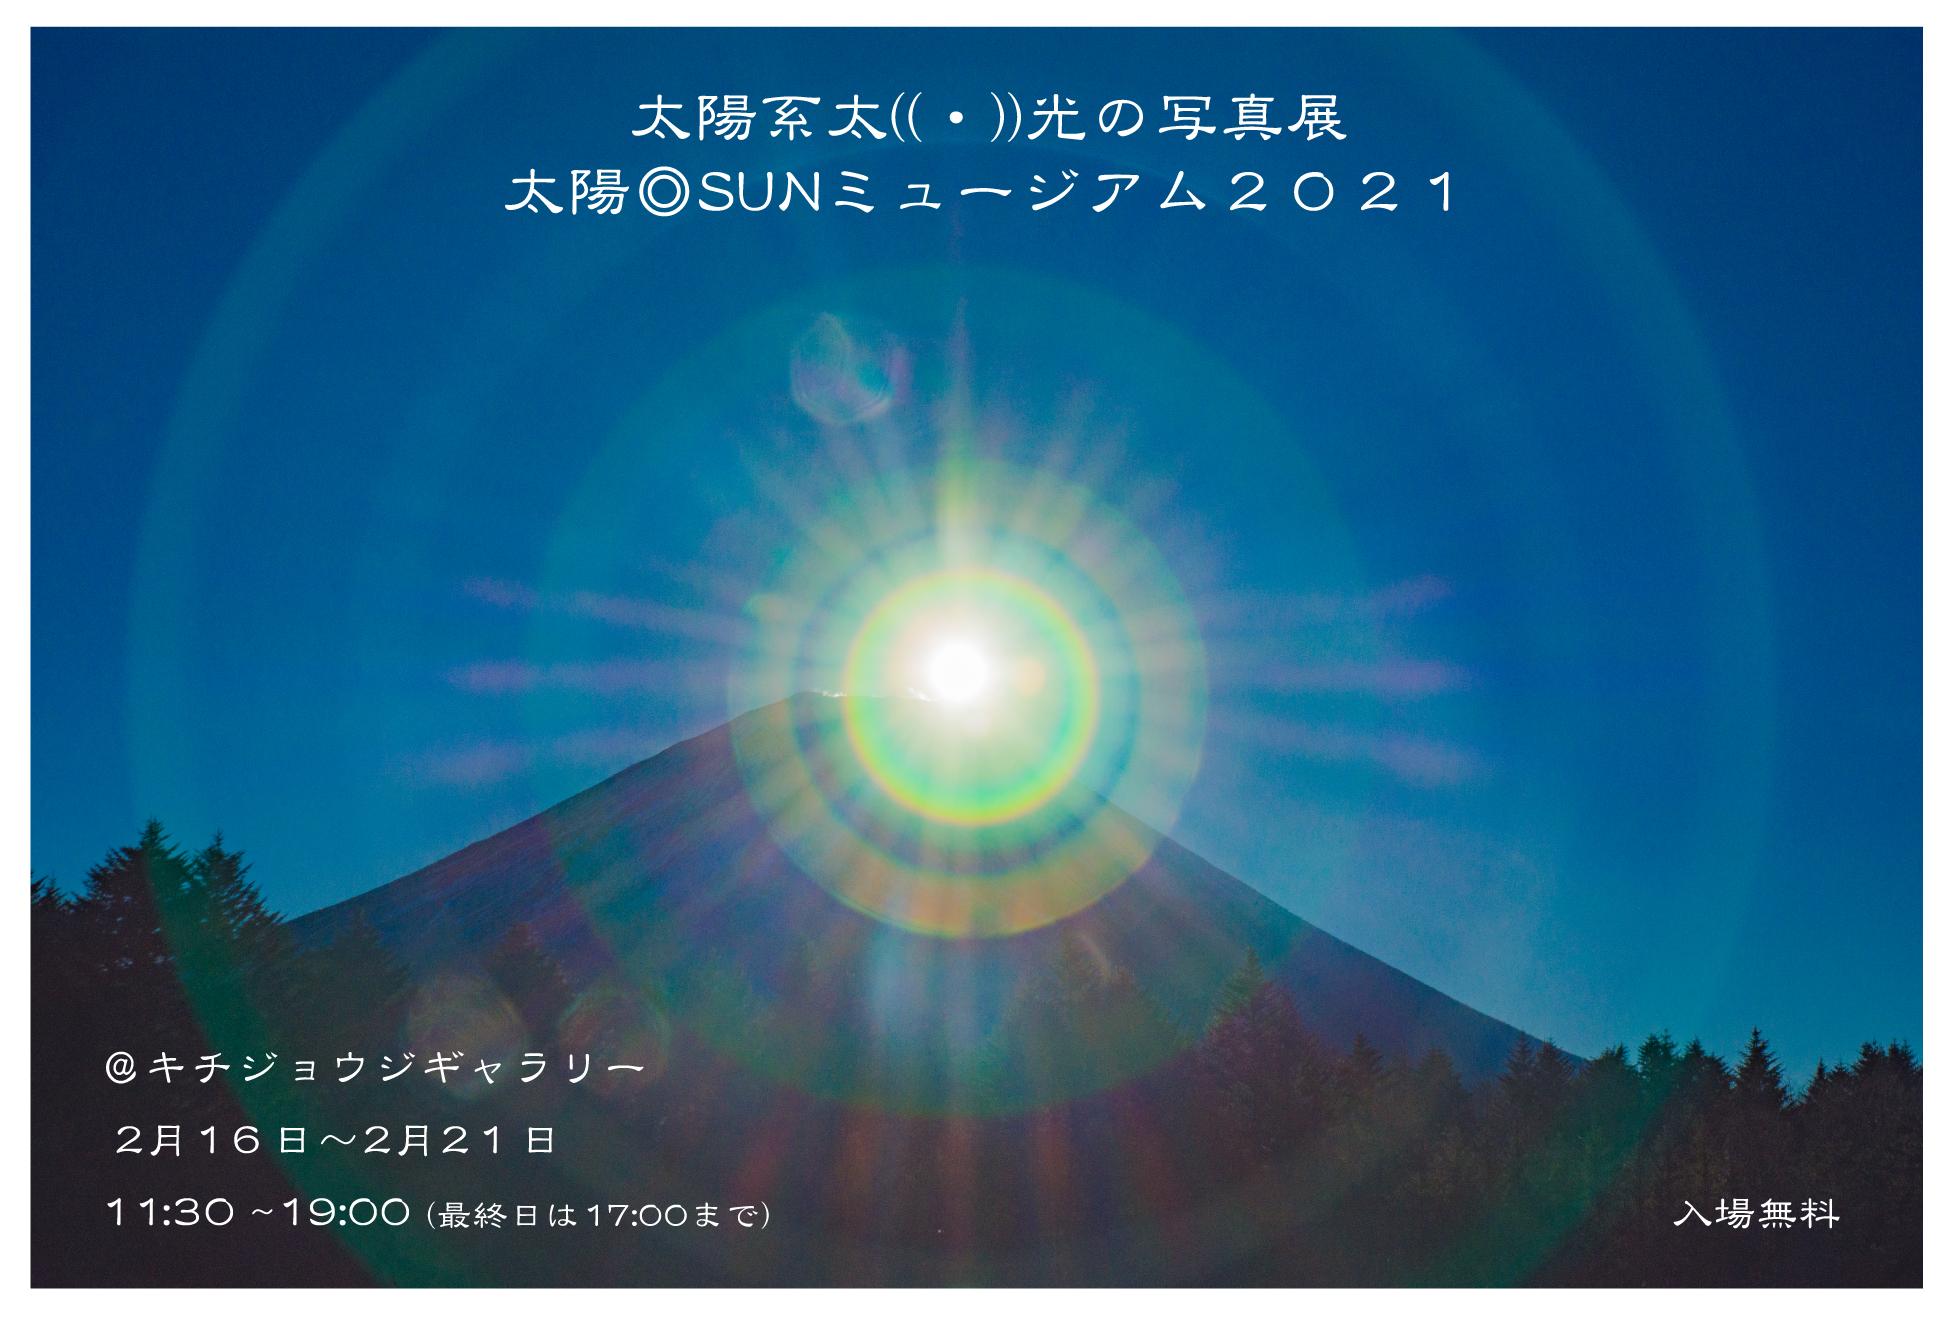 太陽系太◎光の写真展@キチジョウジギャラリー『太陽SUNミュージアム2021』開催します!